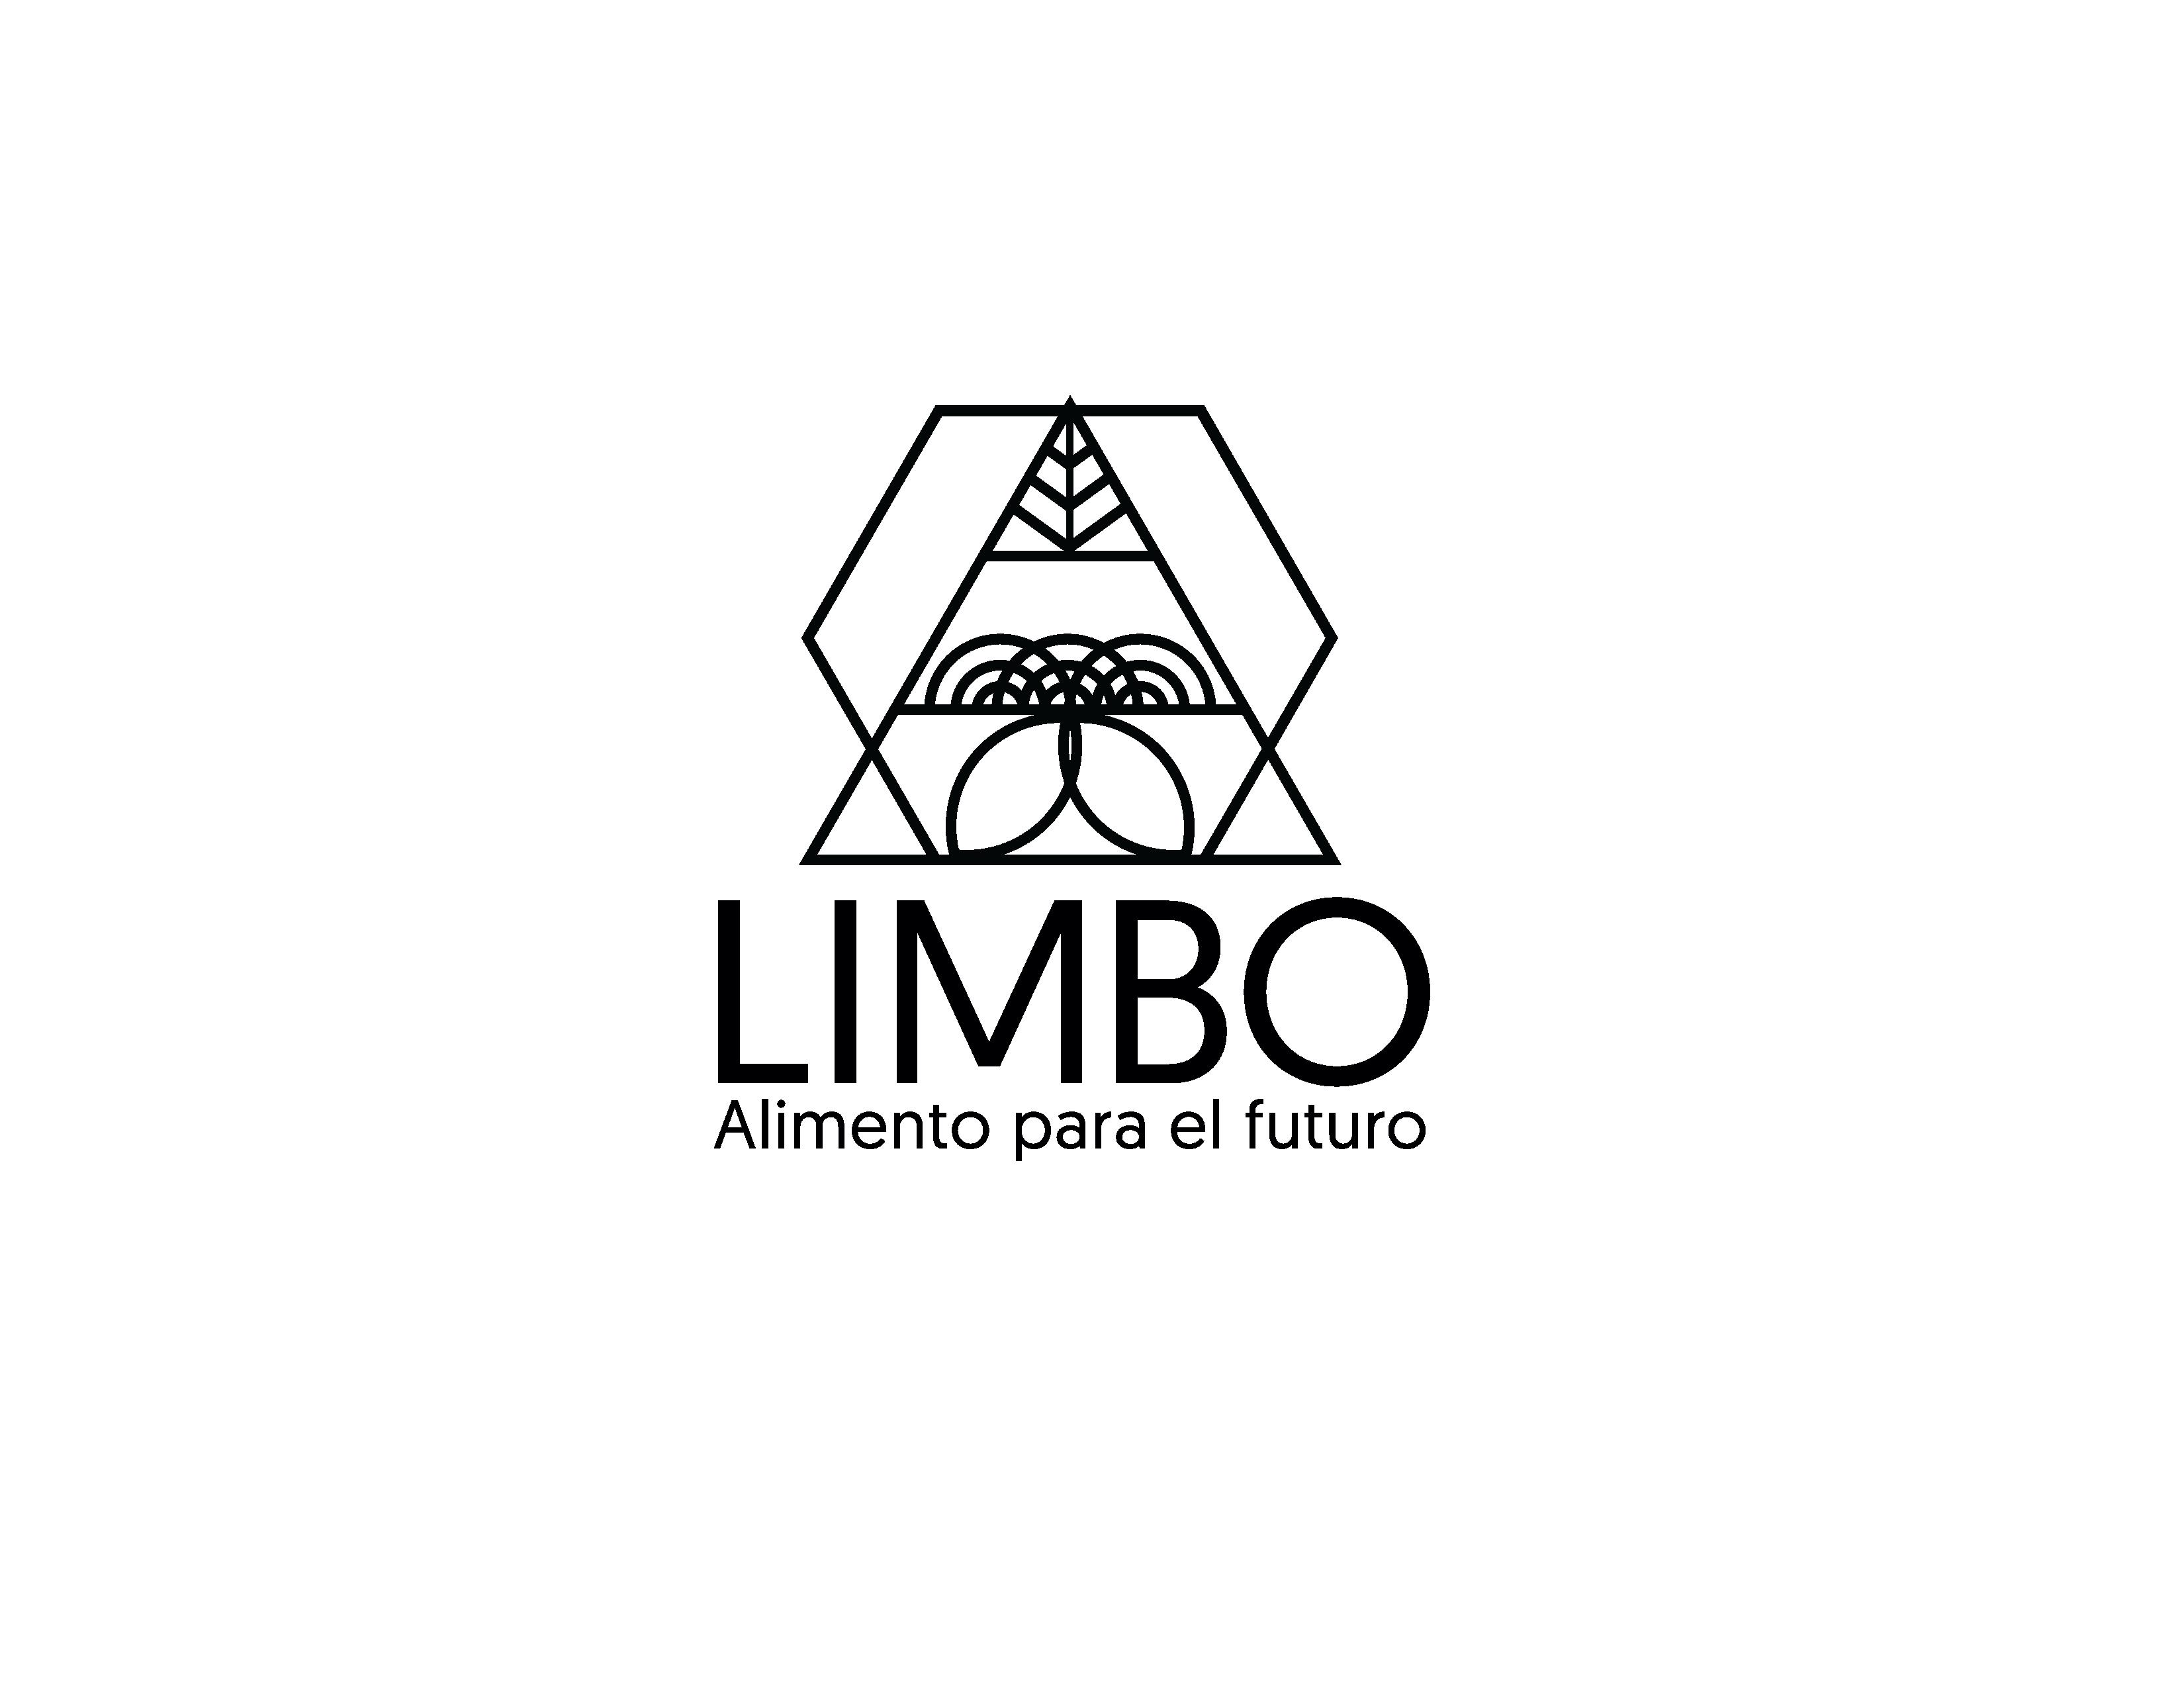 Copia de logoLIMBOnegro-01